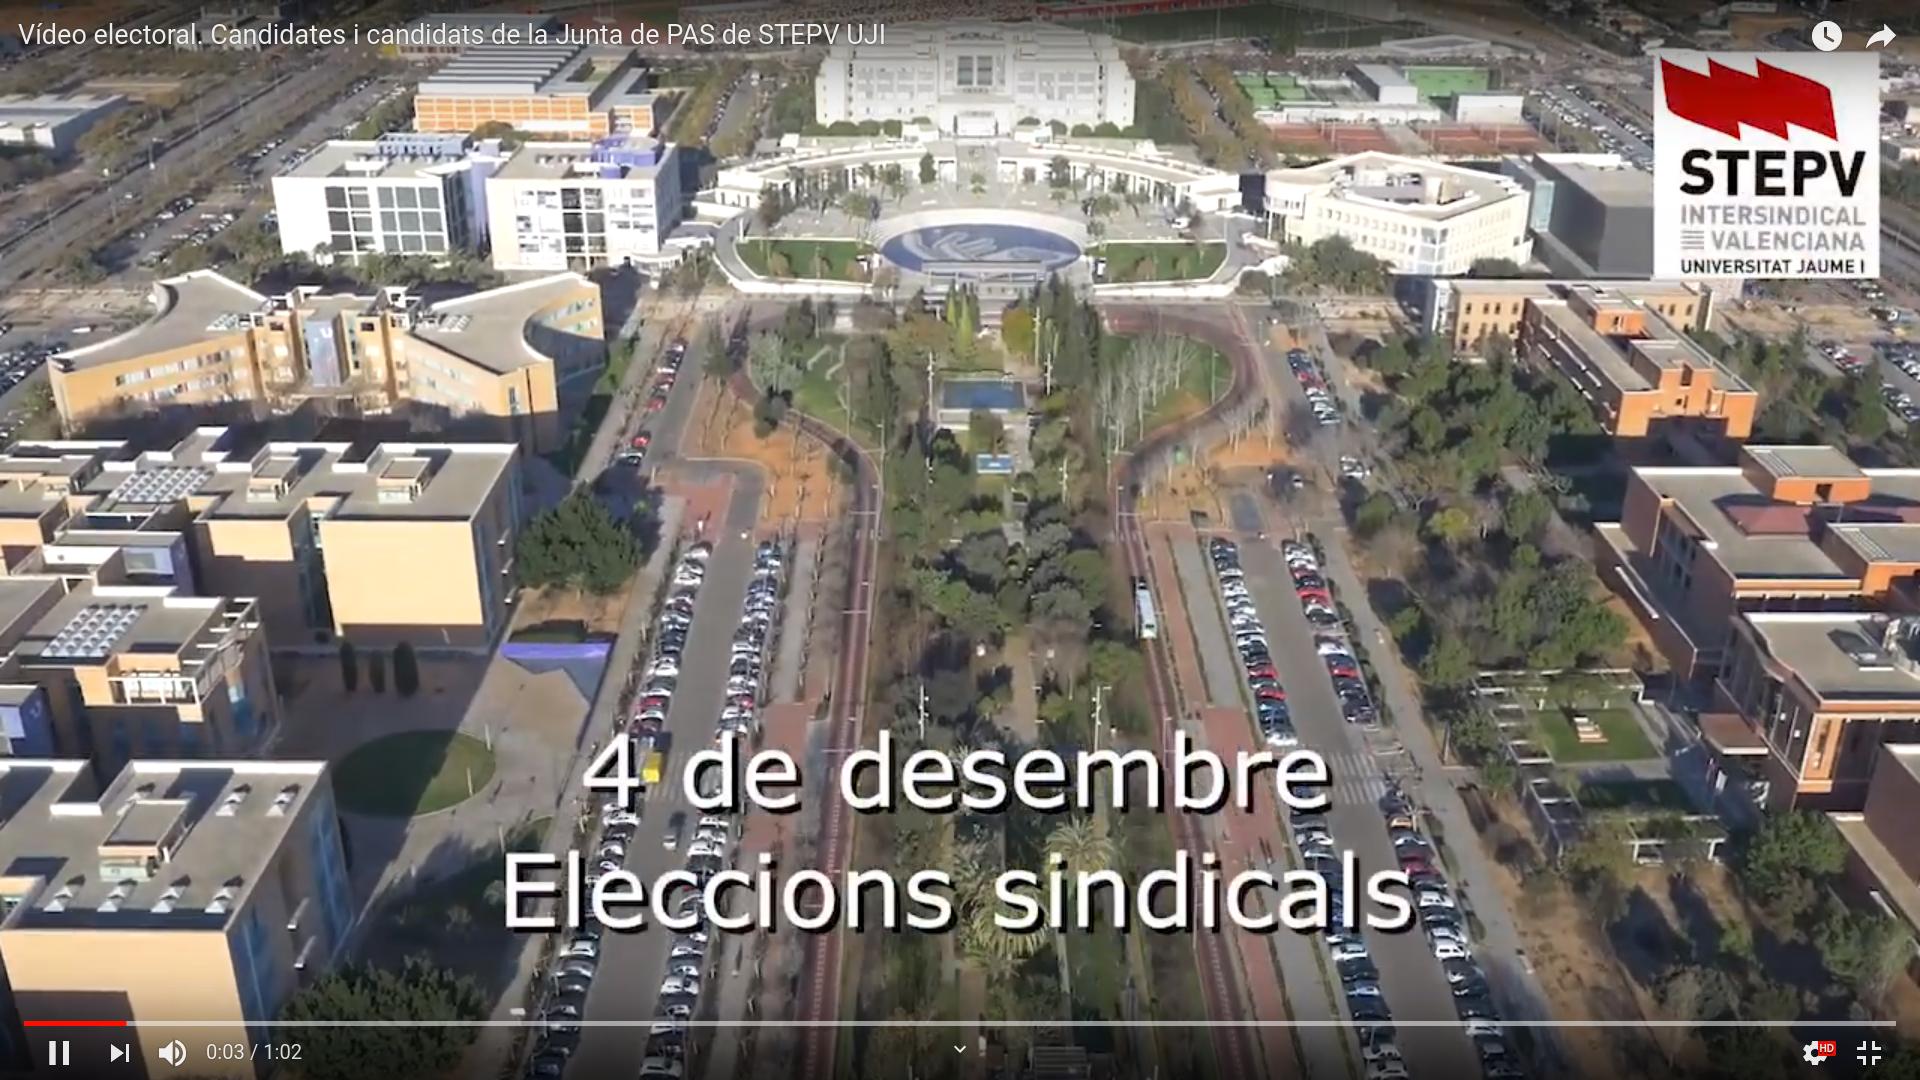 Vídeo electoral. Candidates i candidats de la Junta de PAS de STEPV UJI